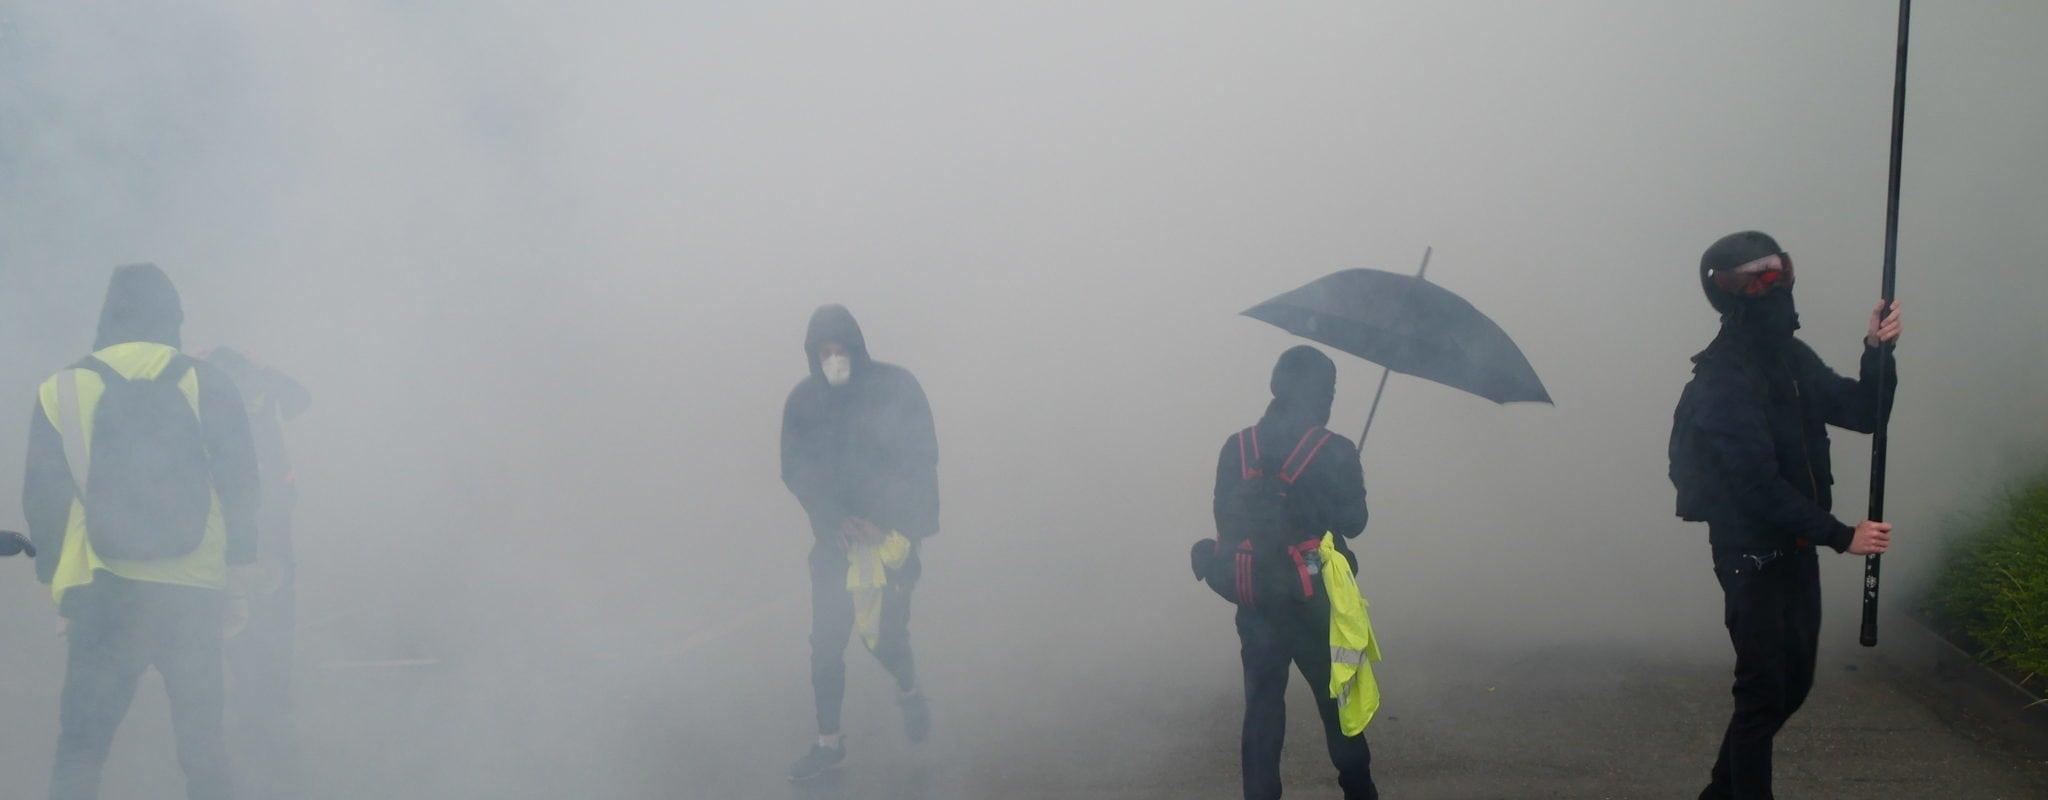 Un acte 24 timide, noyé sous la pluie et les gaz lacrymogènes